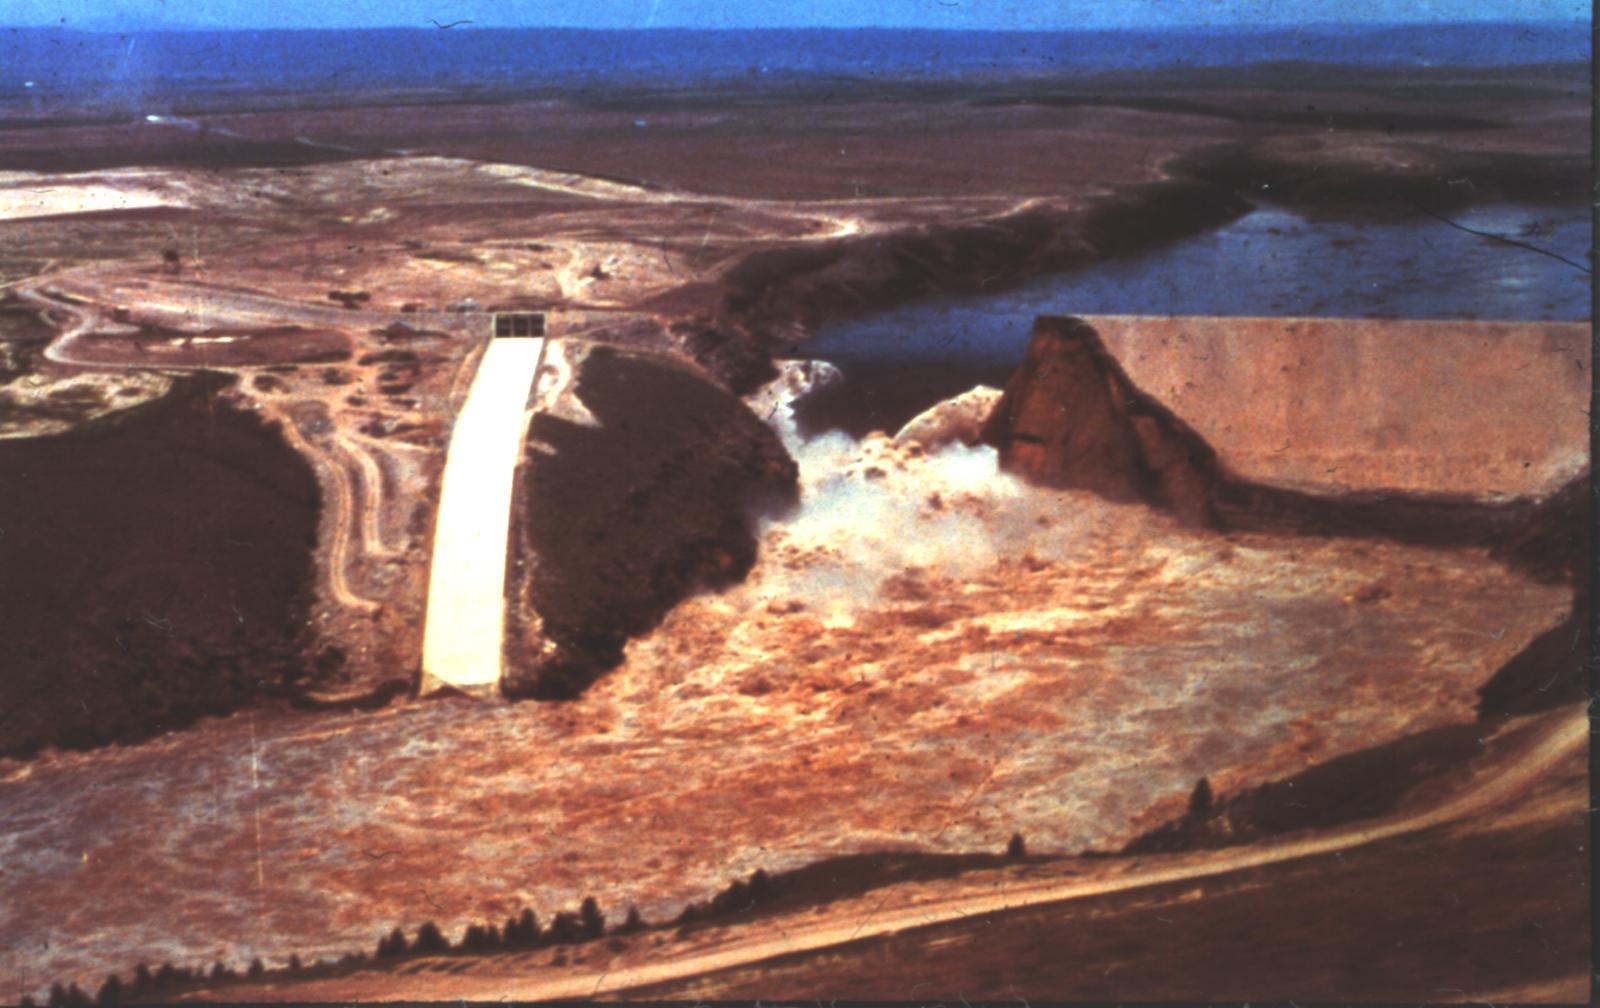 The Teton Dam Collapses, June 5, 1978